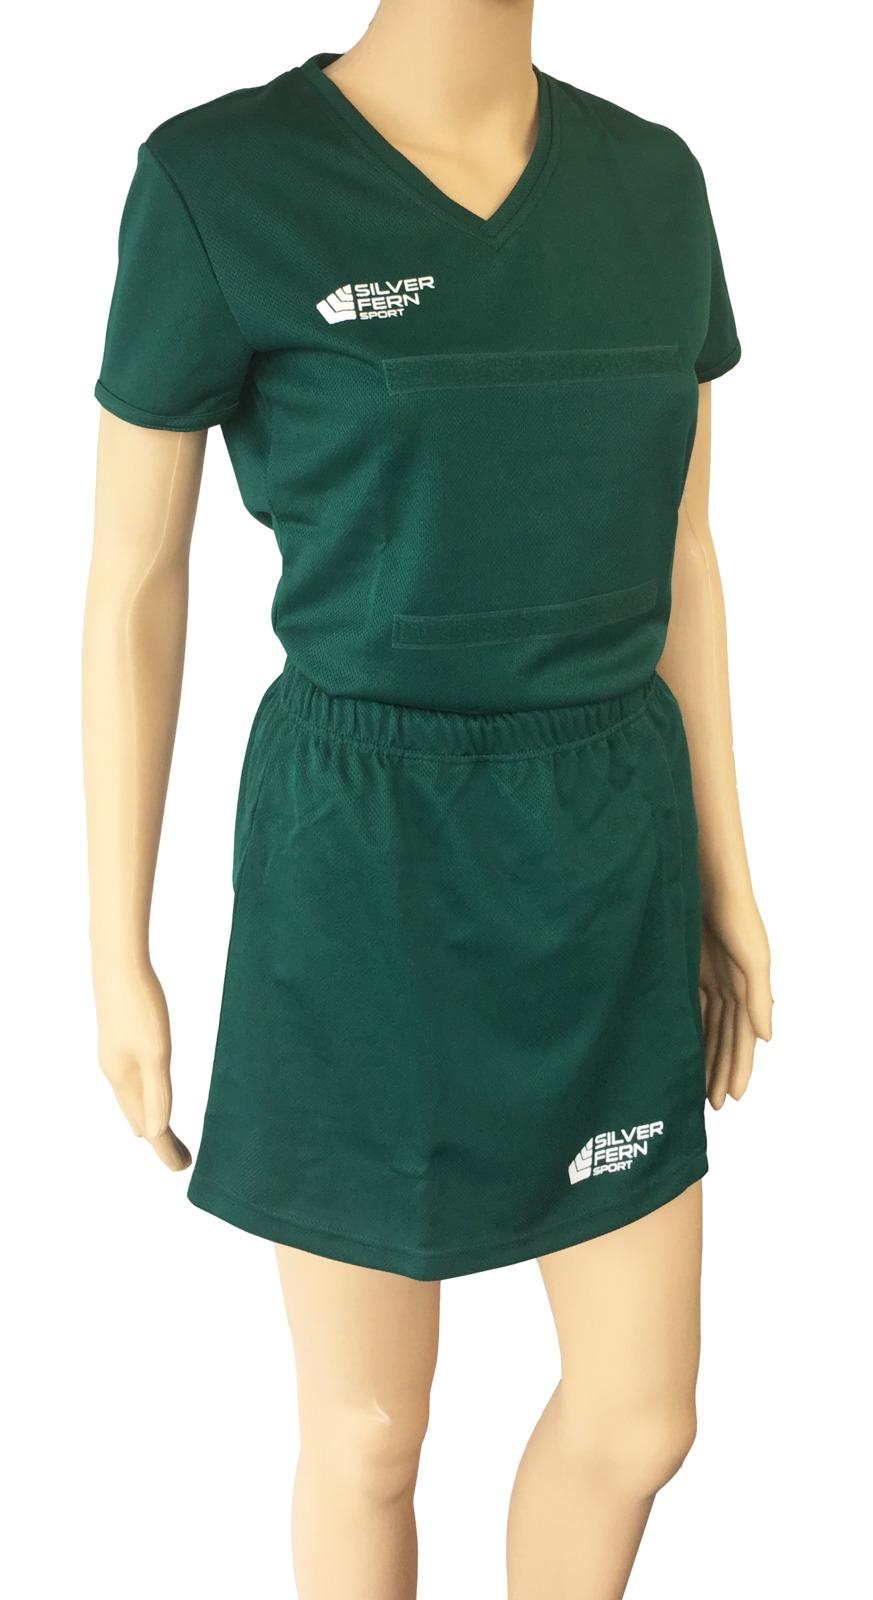 Silver Fern: Netball Skirt - Small (Forest Green)